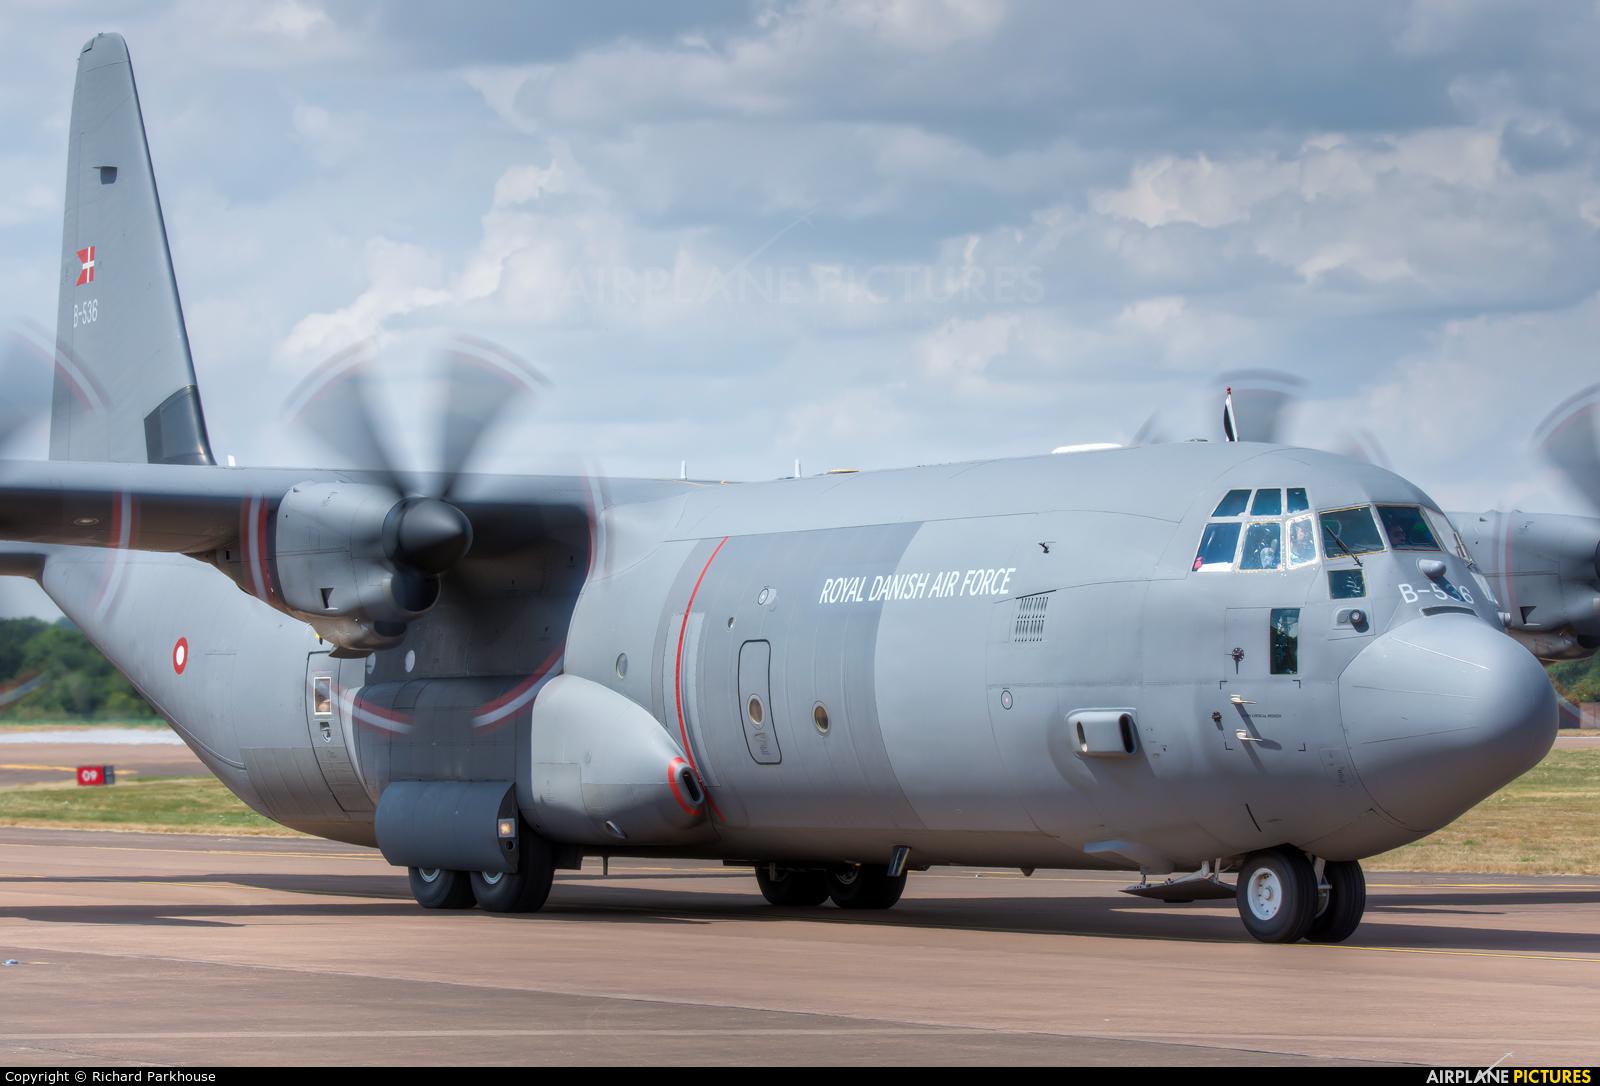 Denmark - Air Force B-536 aircraft at Fairford